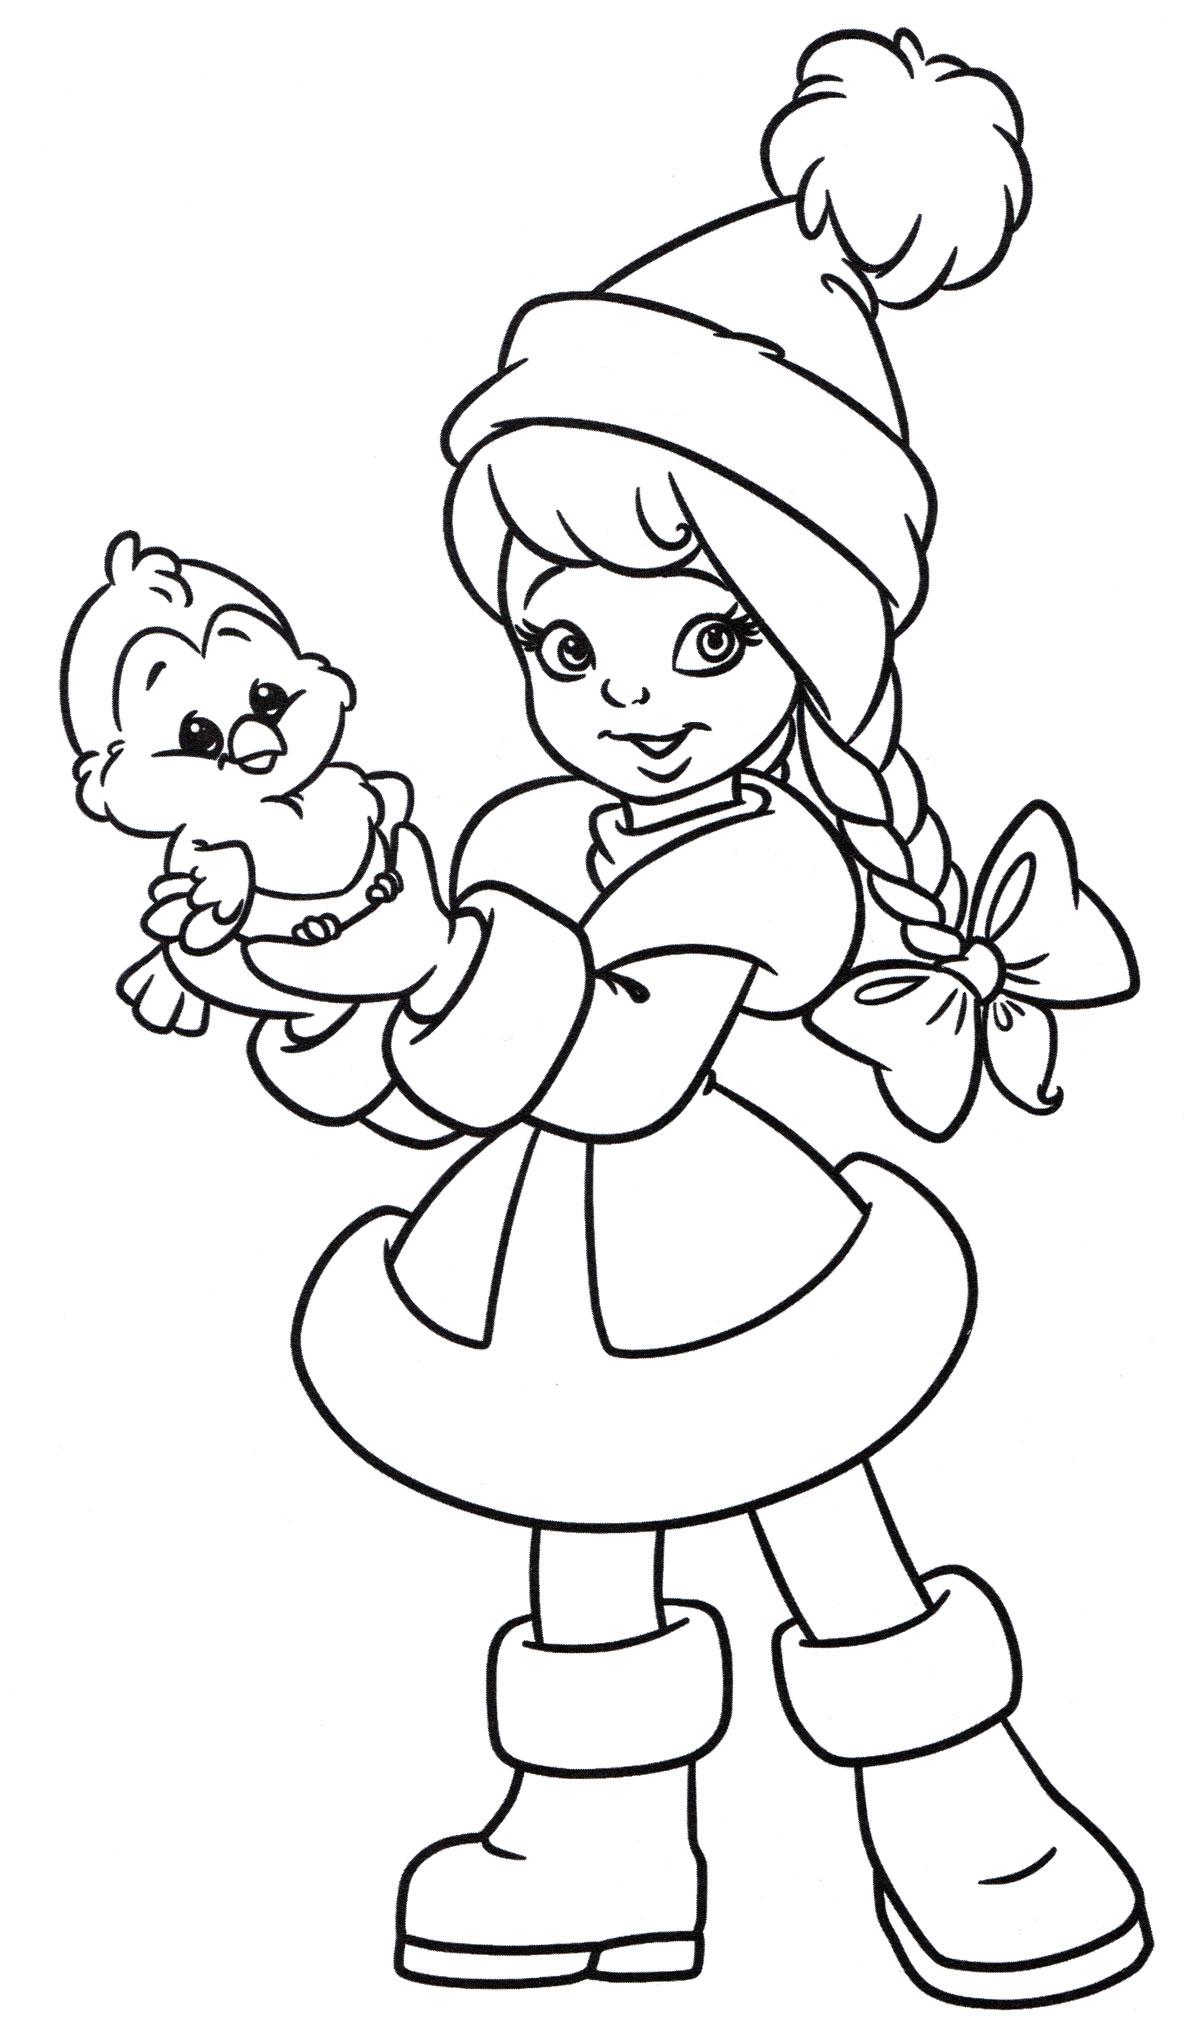 Раскраска Маленькая снегурочка - распечатать бесплатно